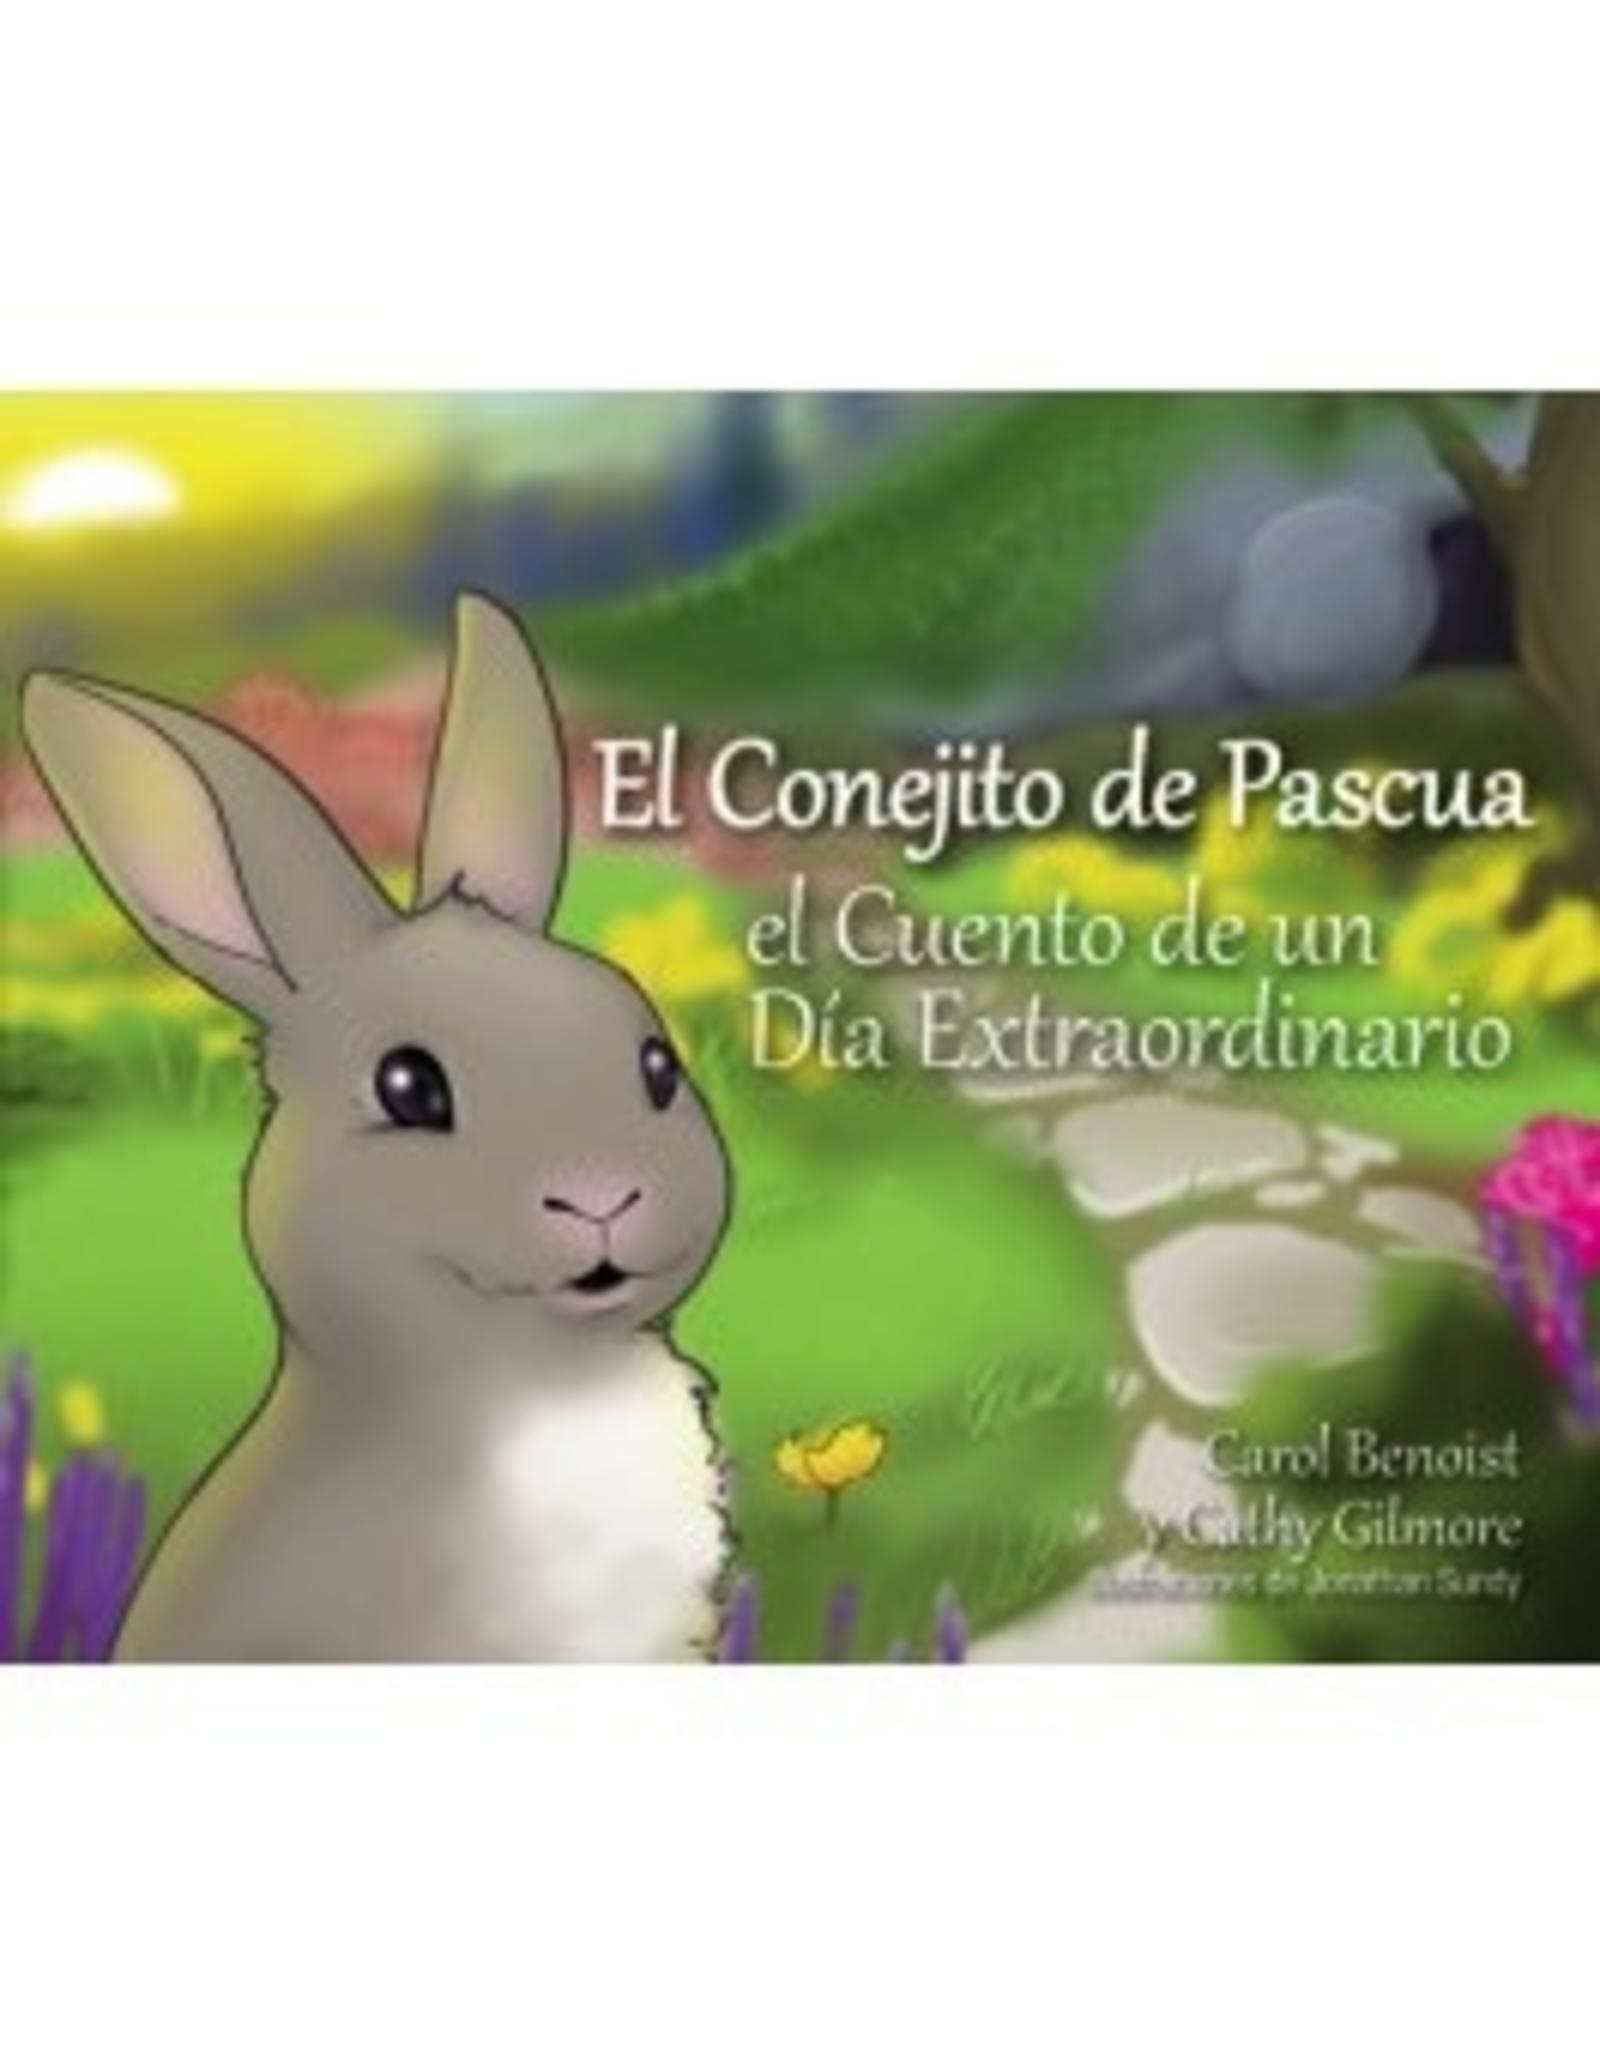 Liguori El Conejito de Pascua: El Cuento de un Día Extraordinario, by Carol Benoist and Cathy Gilmore (hardcover)